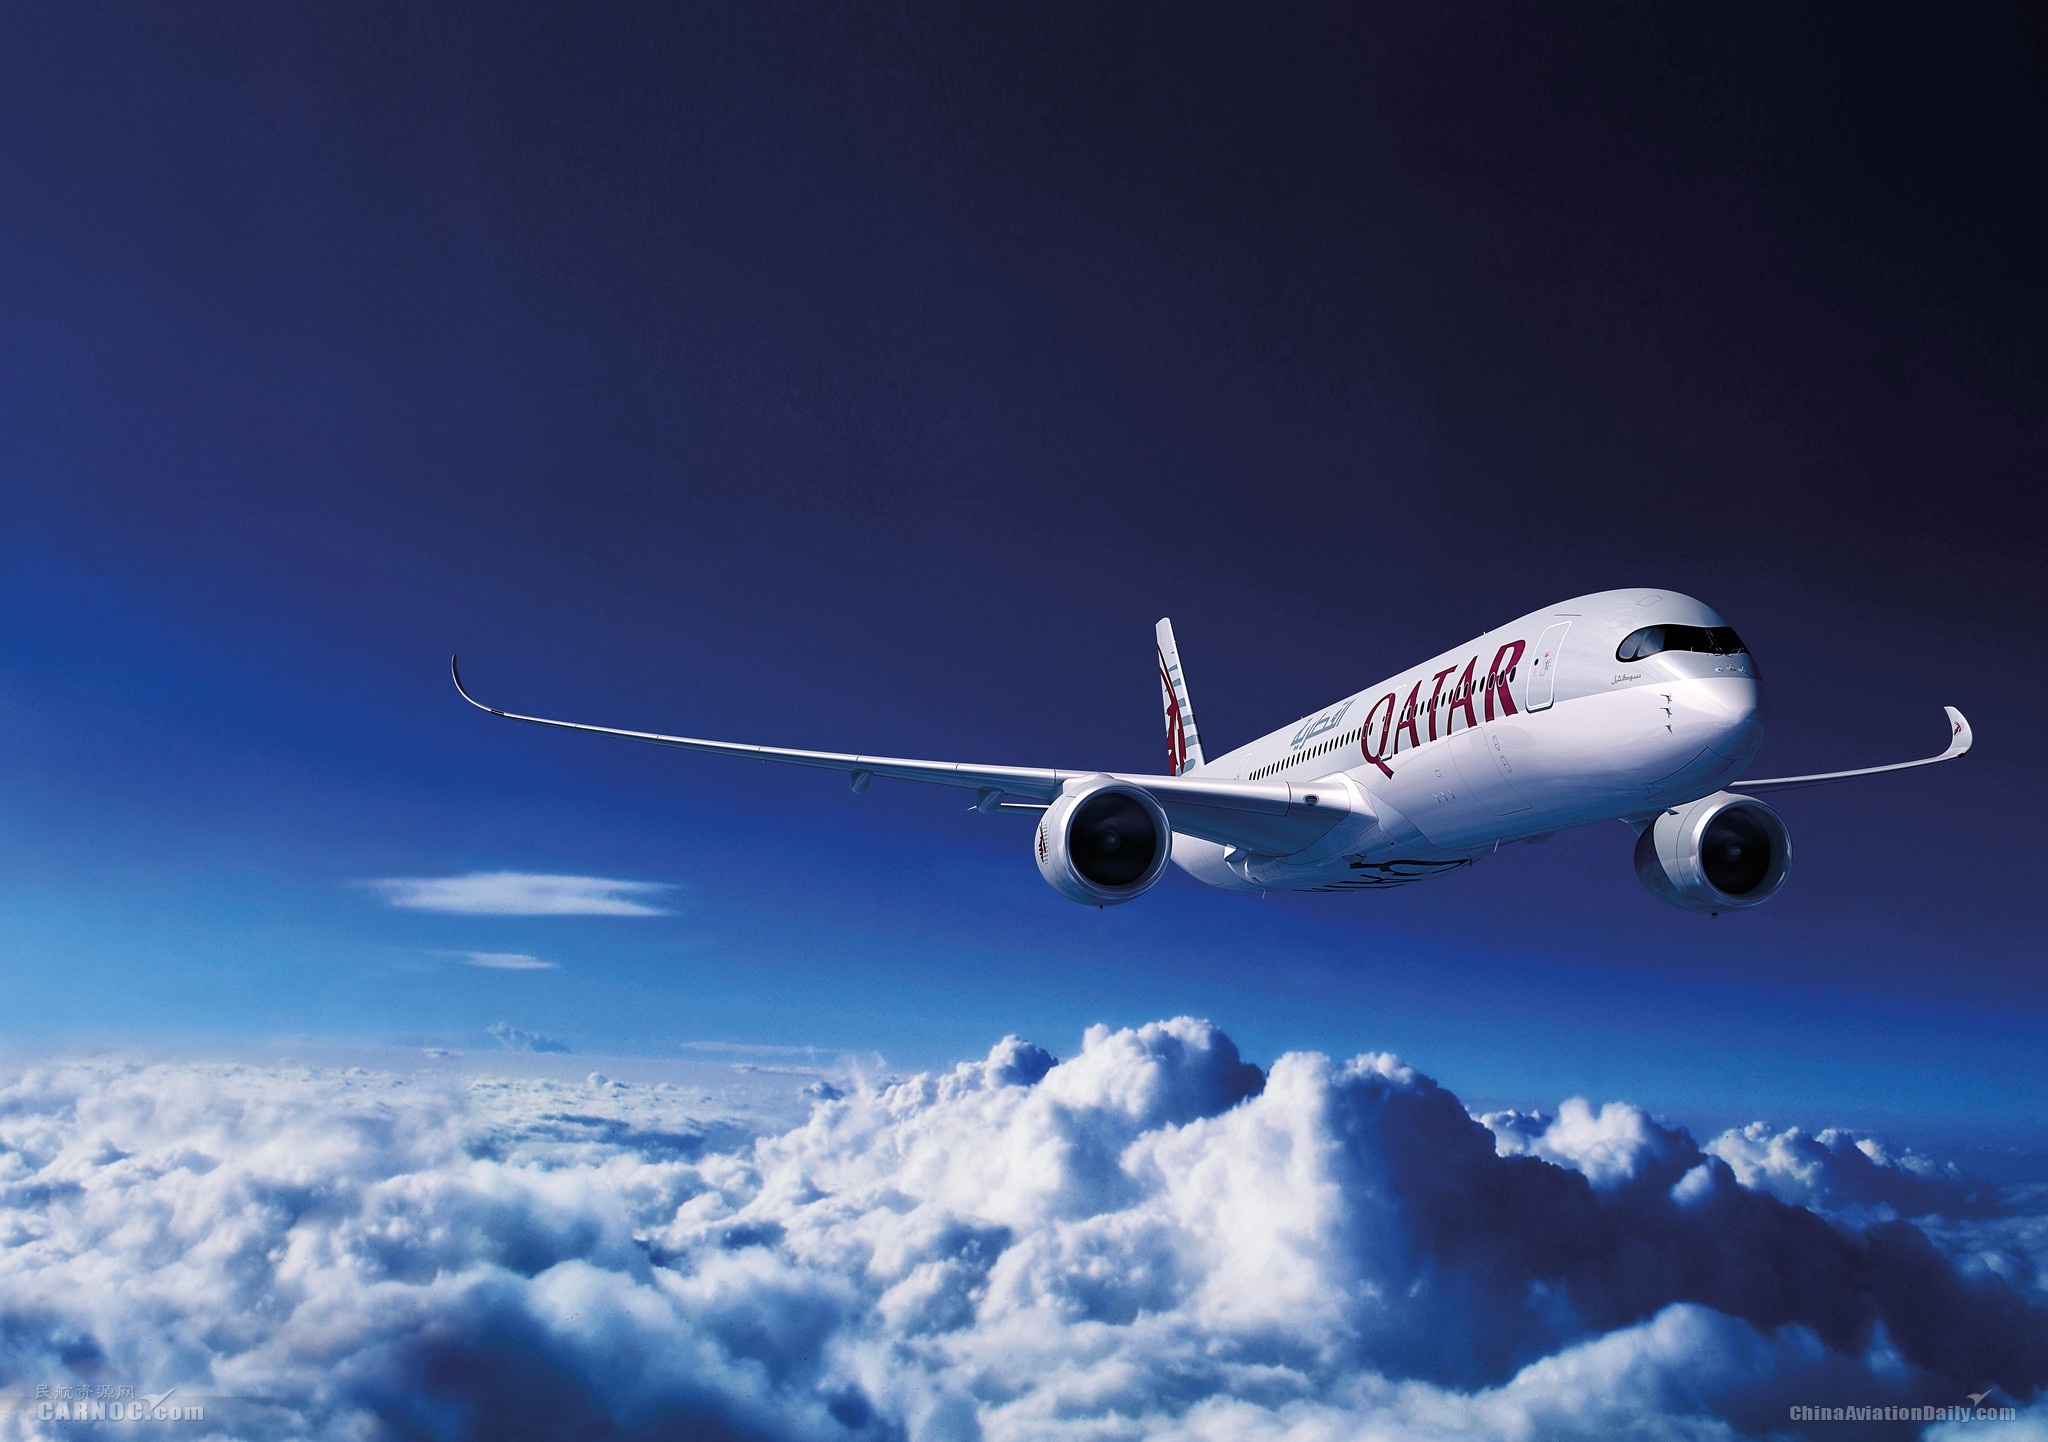 卡塔尔航空发布冬季航班计划 将于12月开通旧金山航线